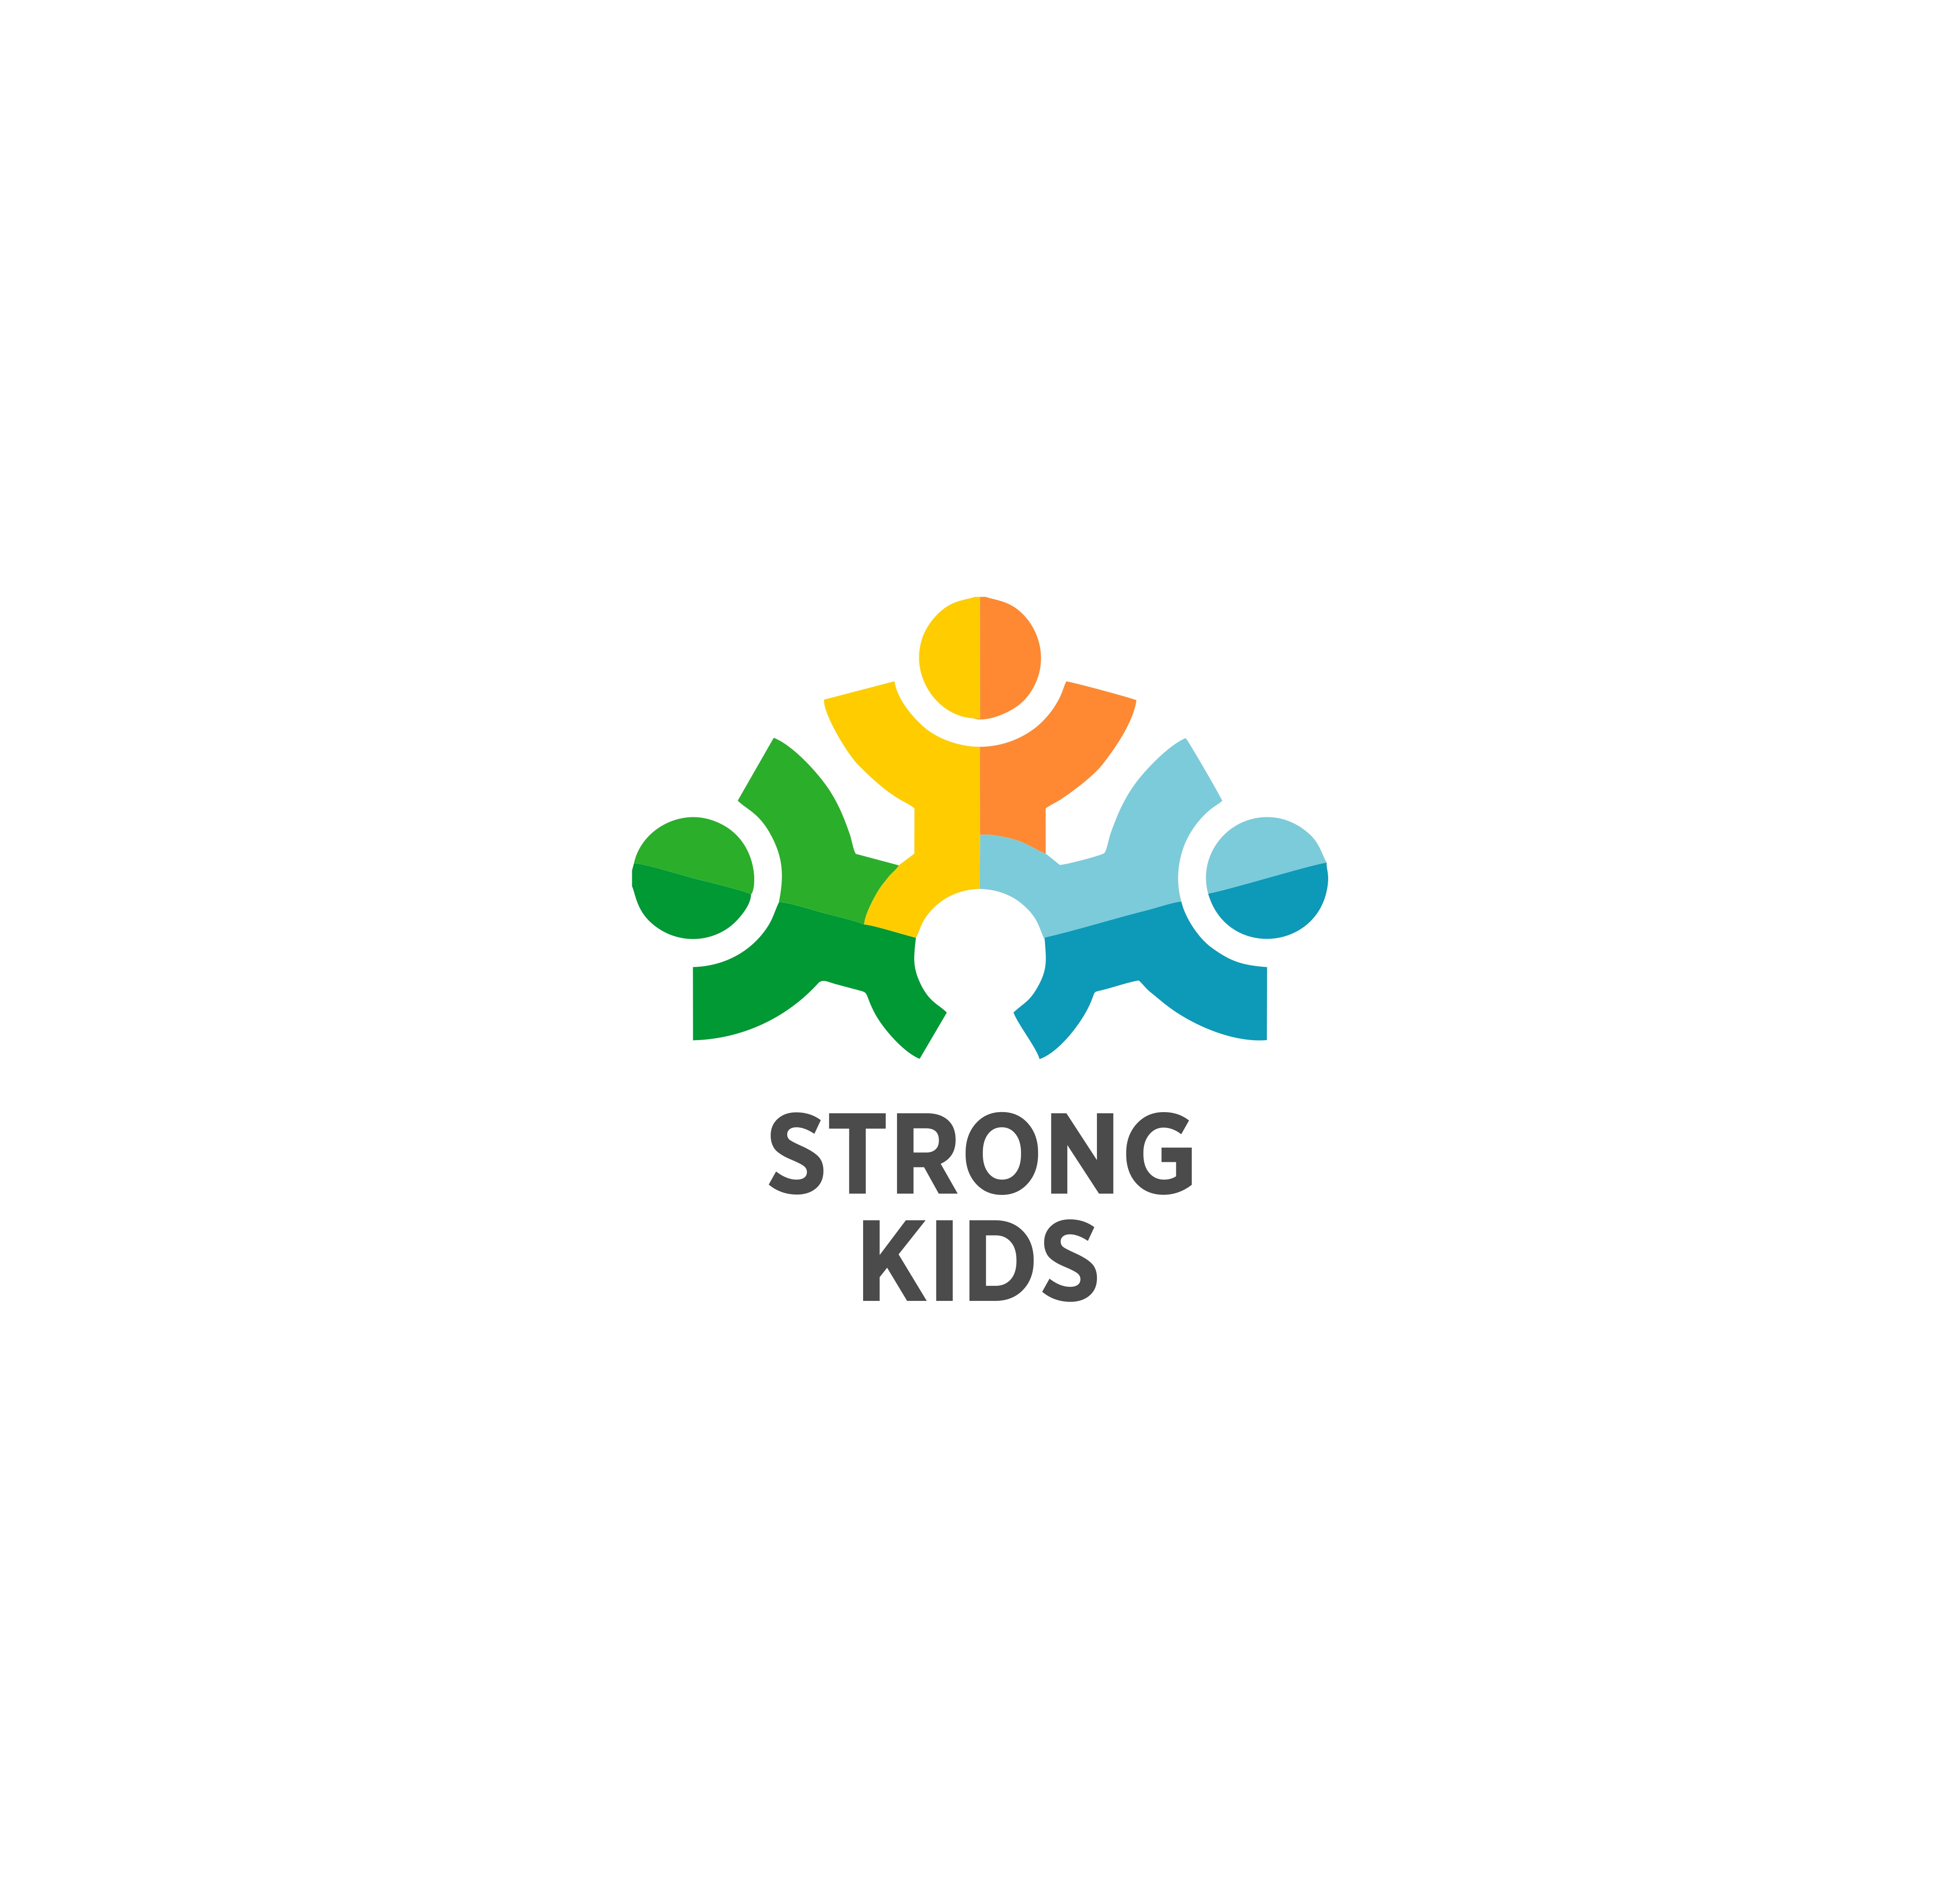 Логотип для Детского Интернет Магазина StrongKids фото f_6715c66a4934dea9.jpg